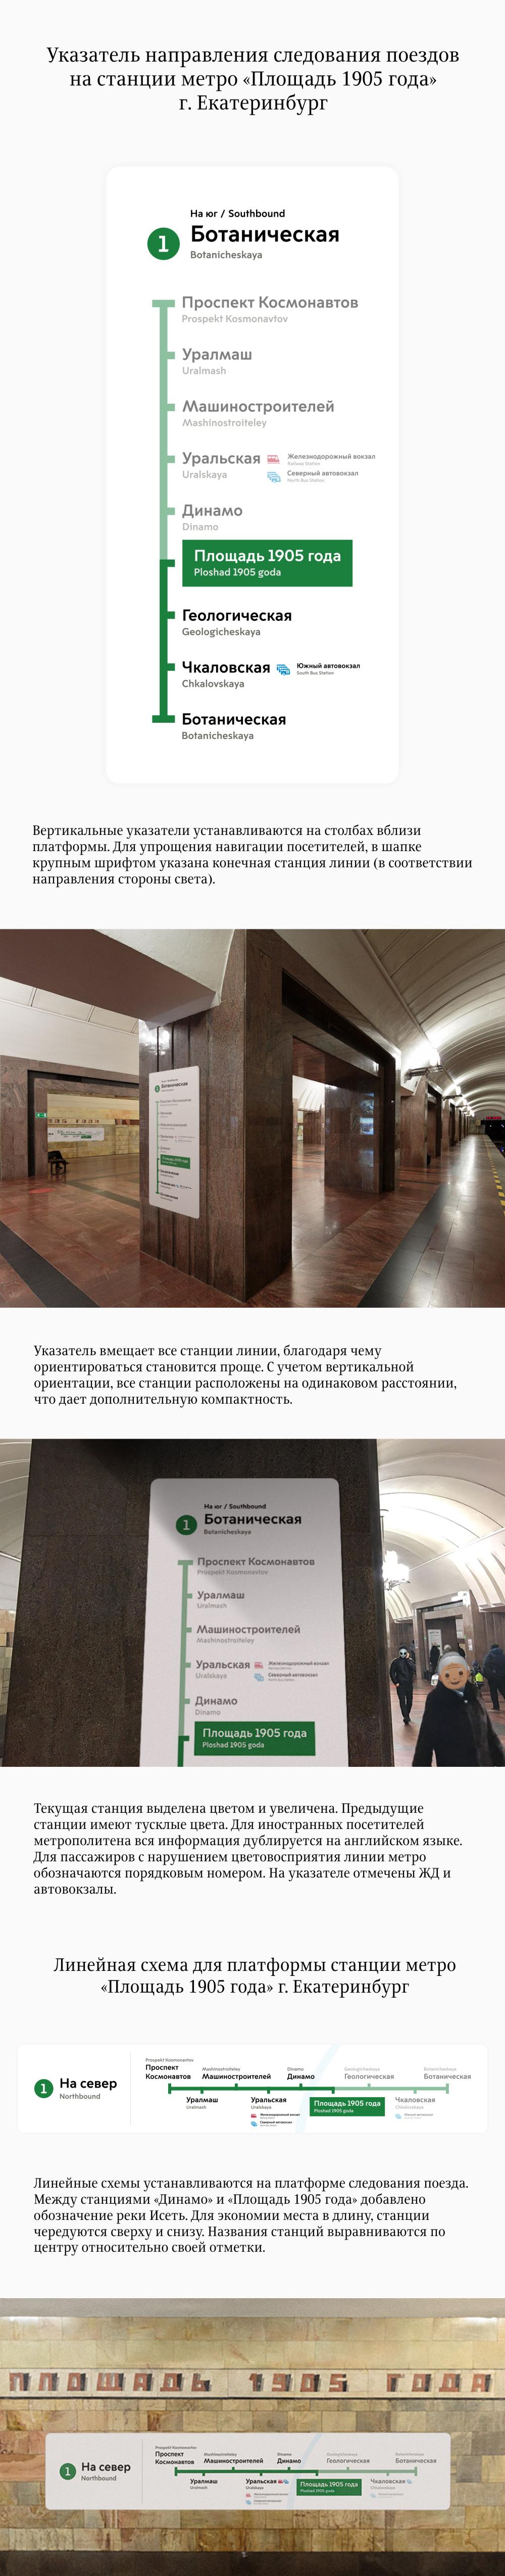 Дизайн указателя направления поездов в метро Екатеринбурга